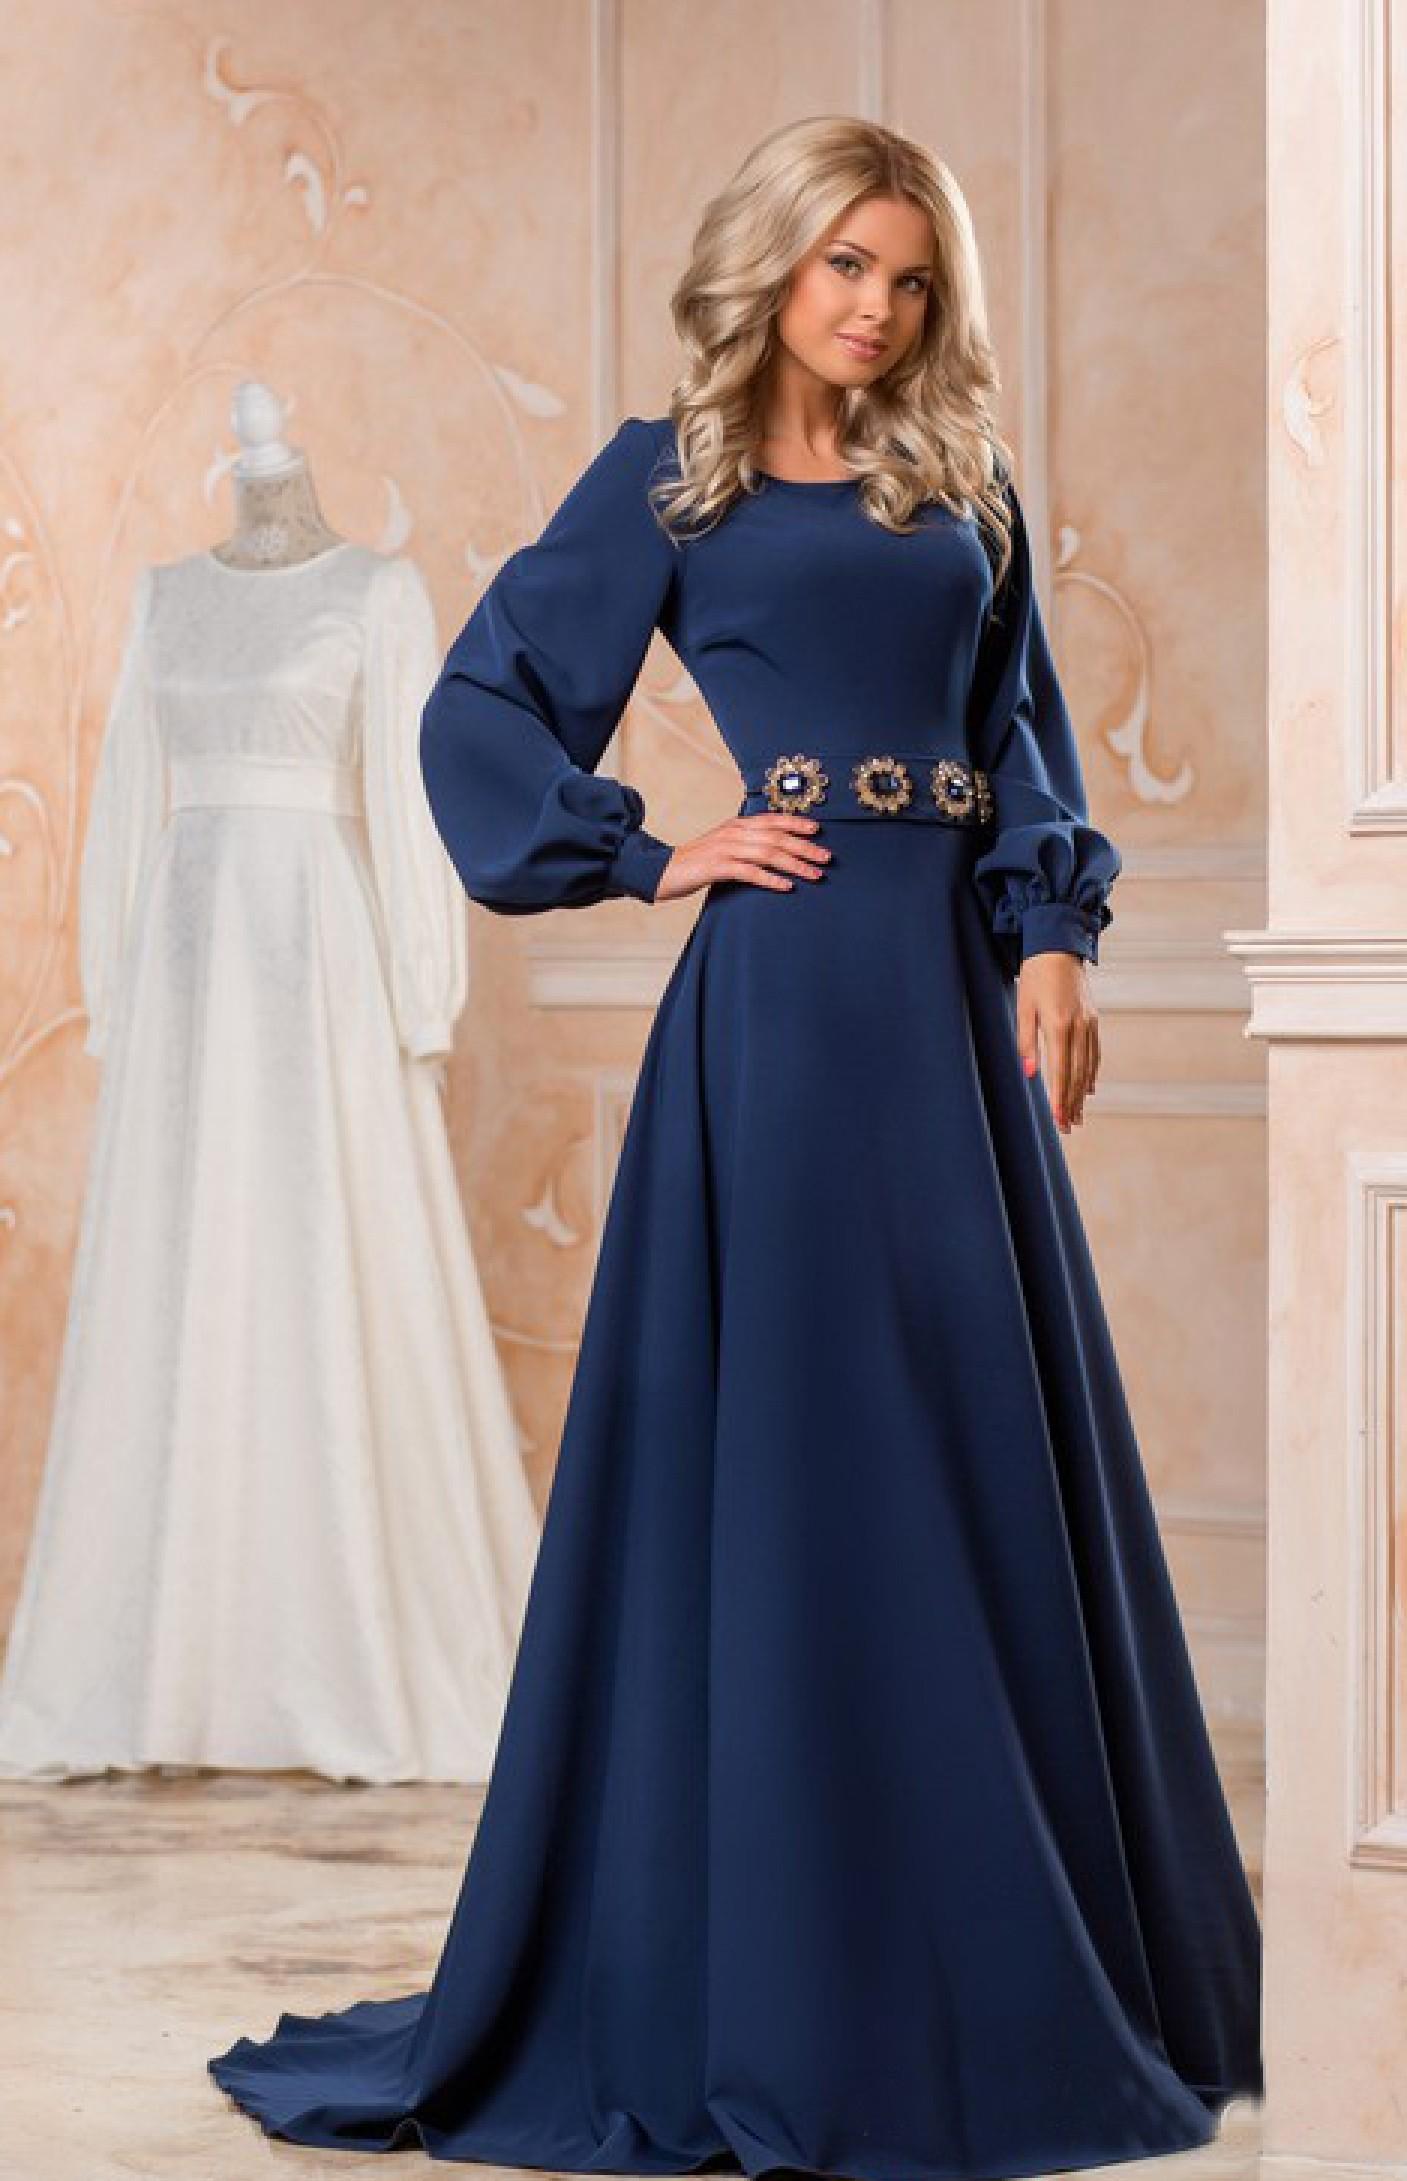 dcd10d64c34 Купить длинное вечернее платье с открытой спиной. Вечернее платье в пол с  открытой спиной в магазине Радэлия.